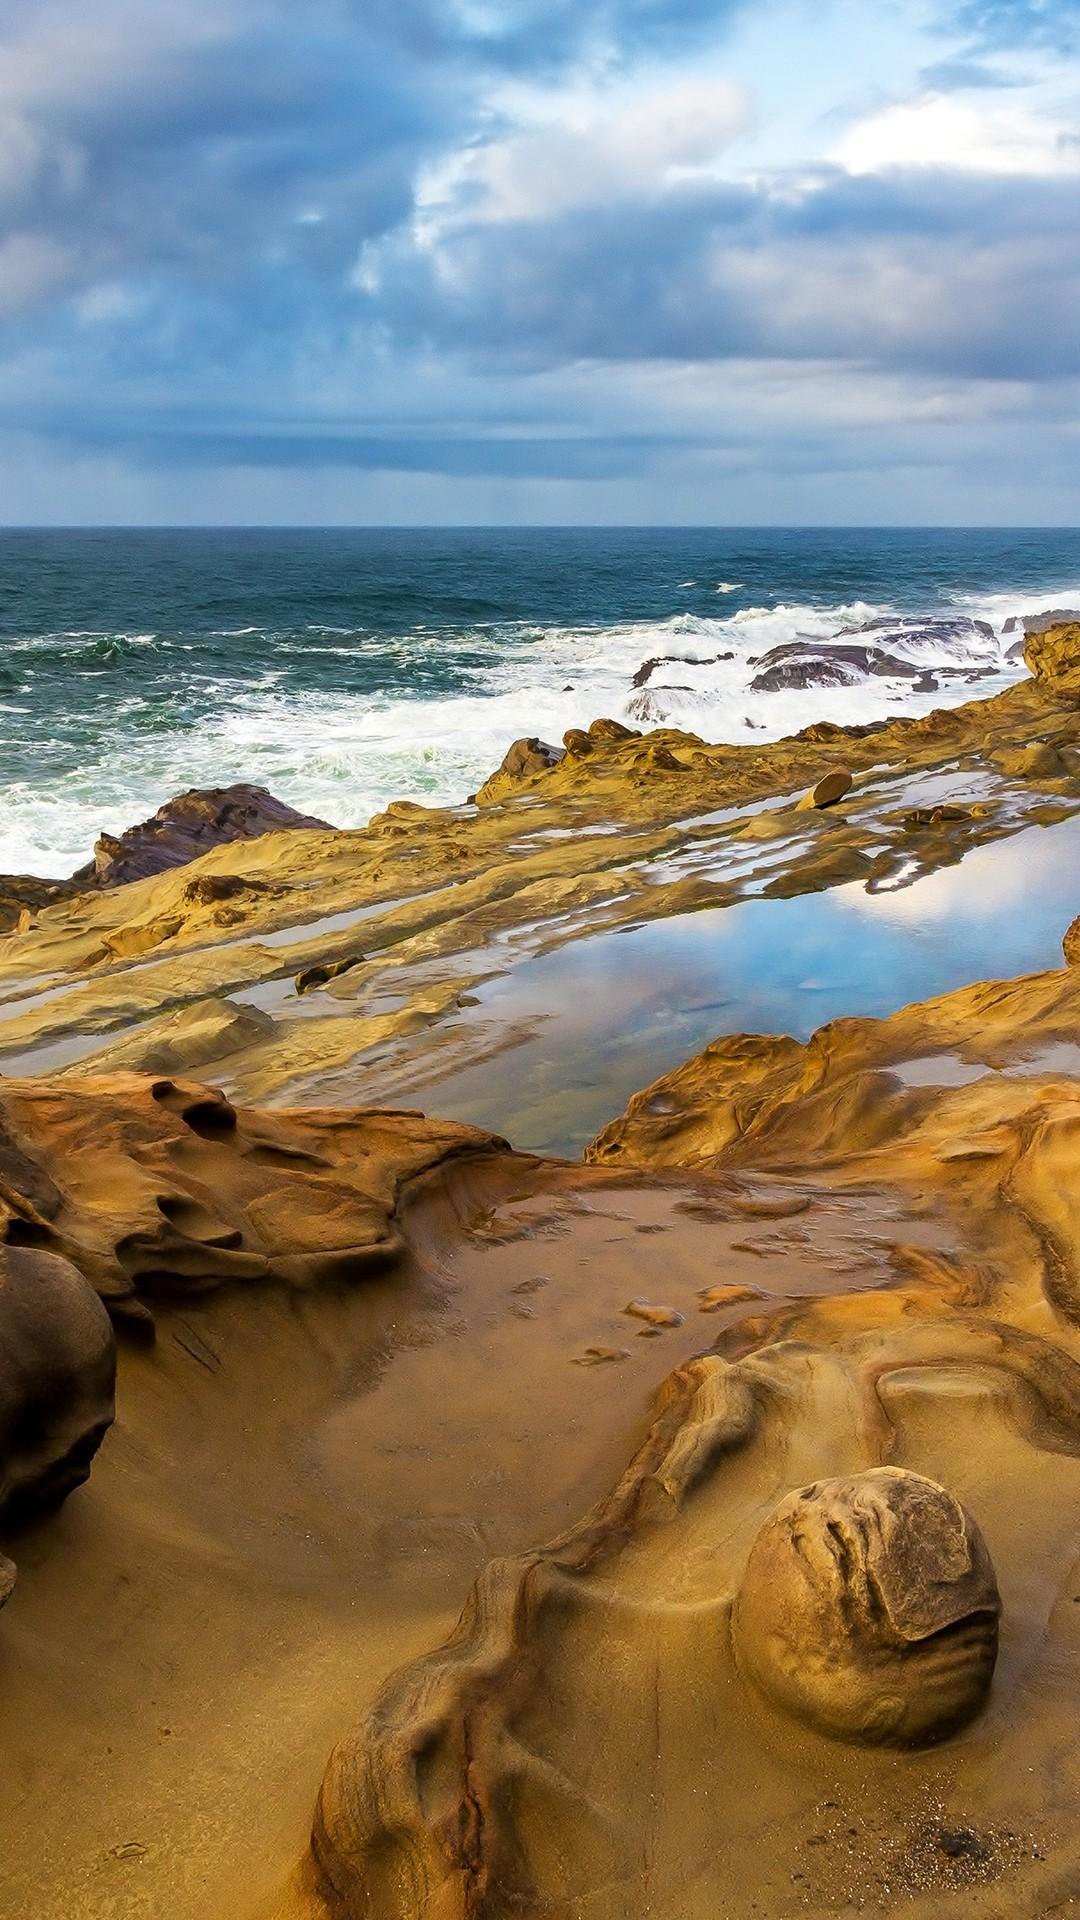 Landscape 4K Ultra HD Wallpaper | Ocean landscape 4K Ultra HD wallpaper | 4k -Wallpaper